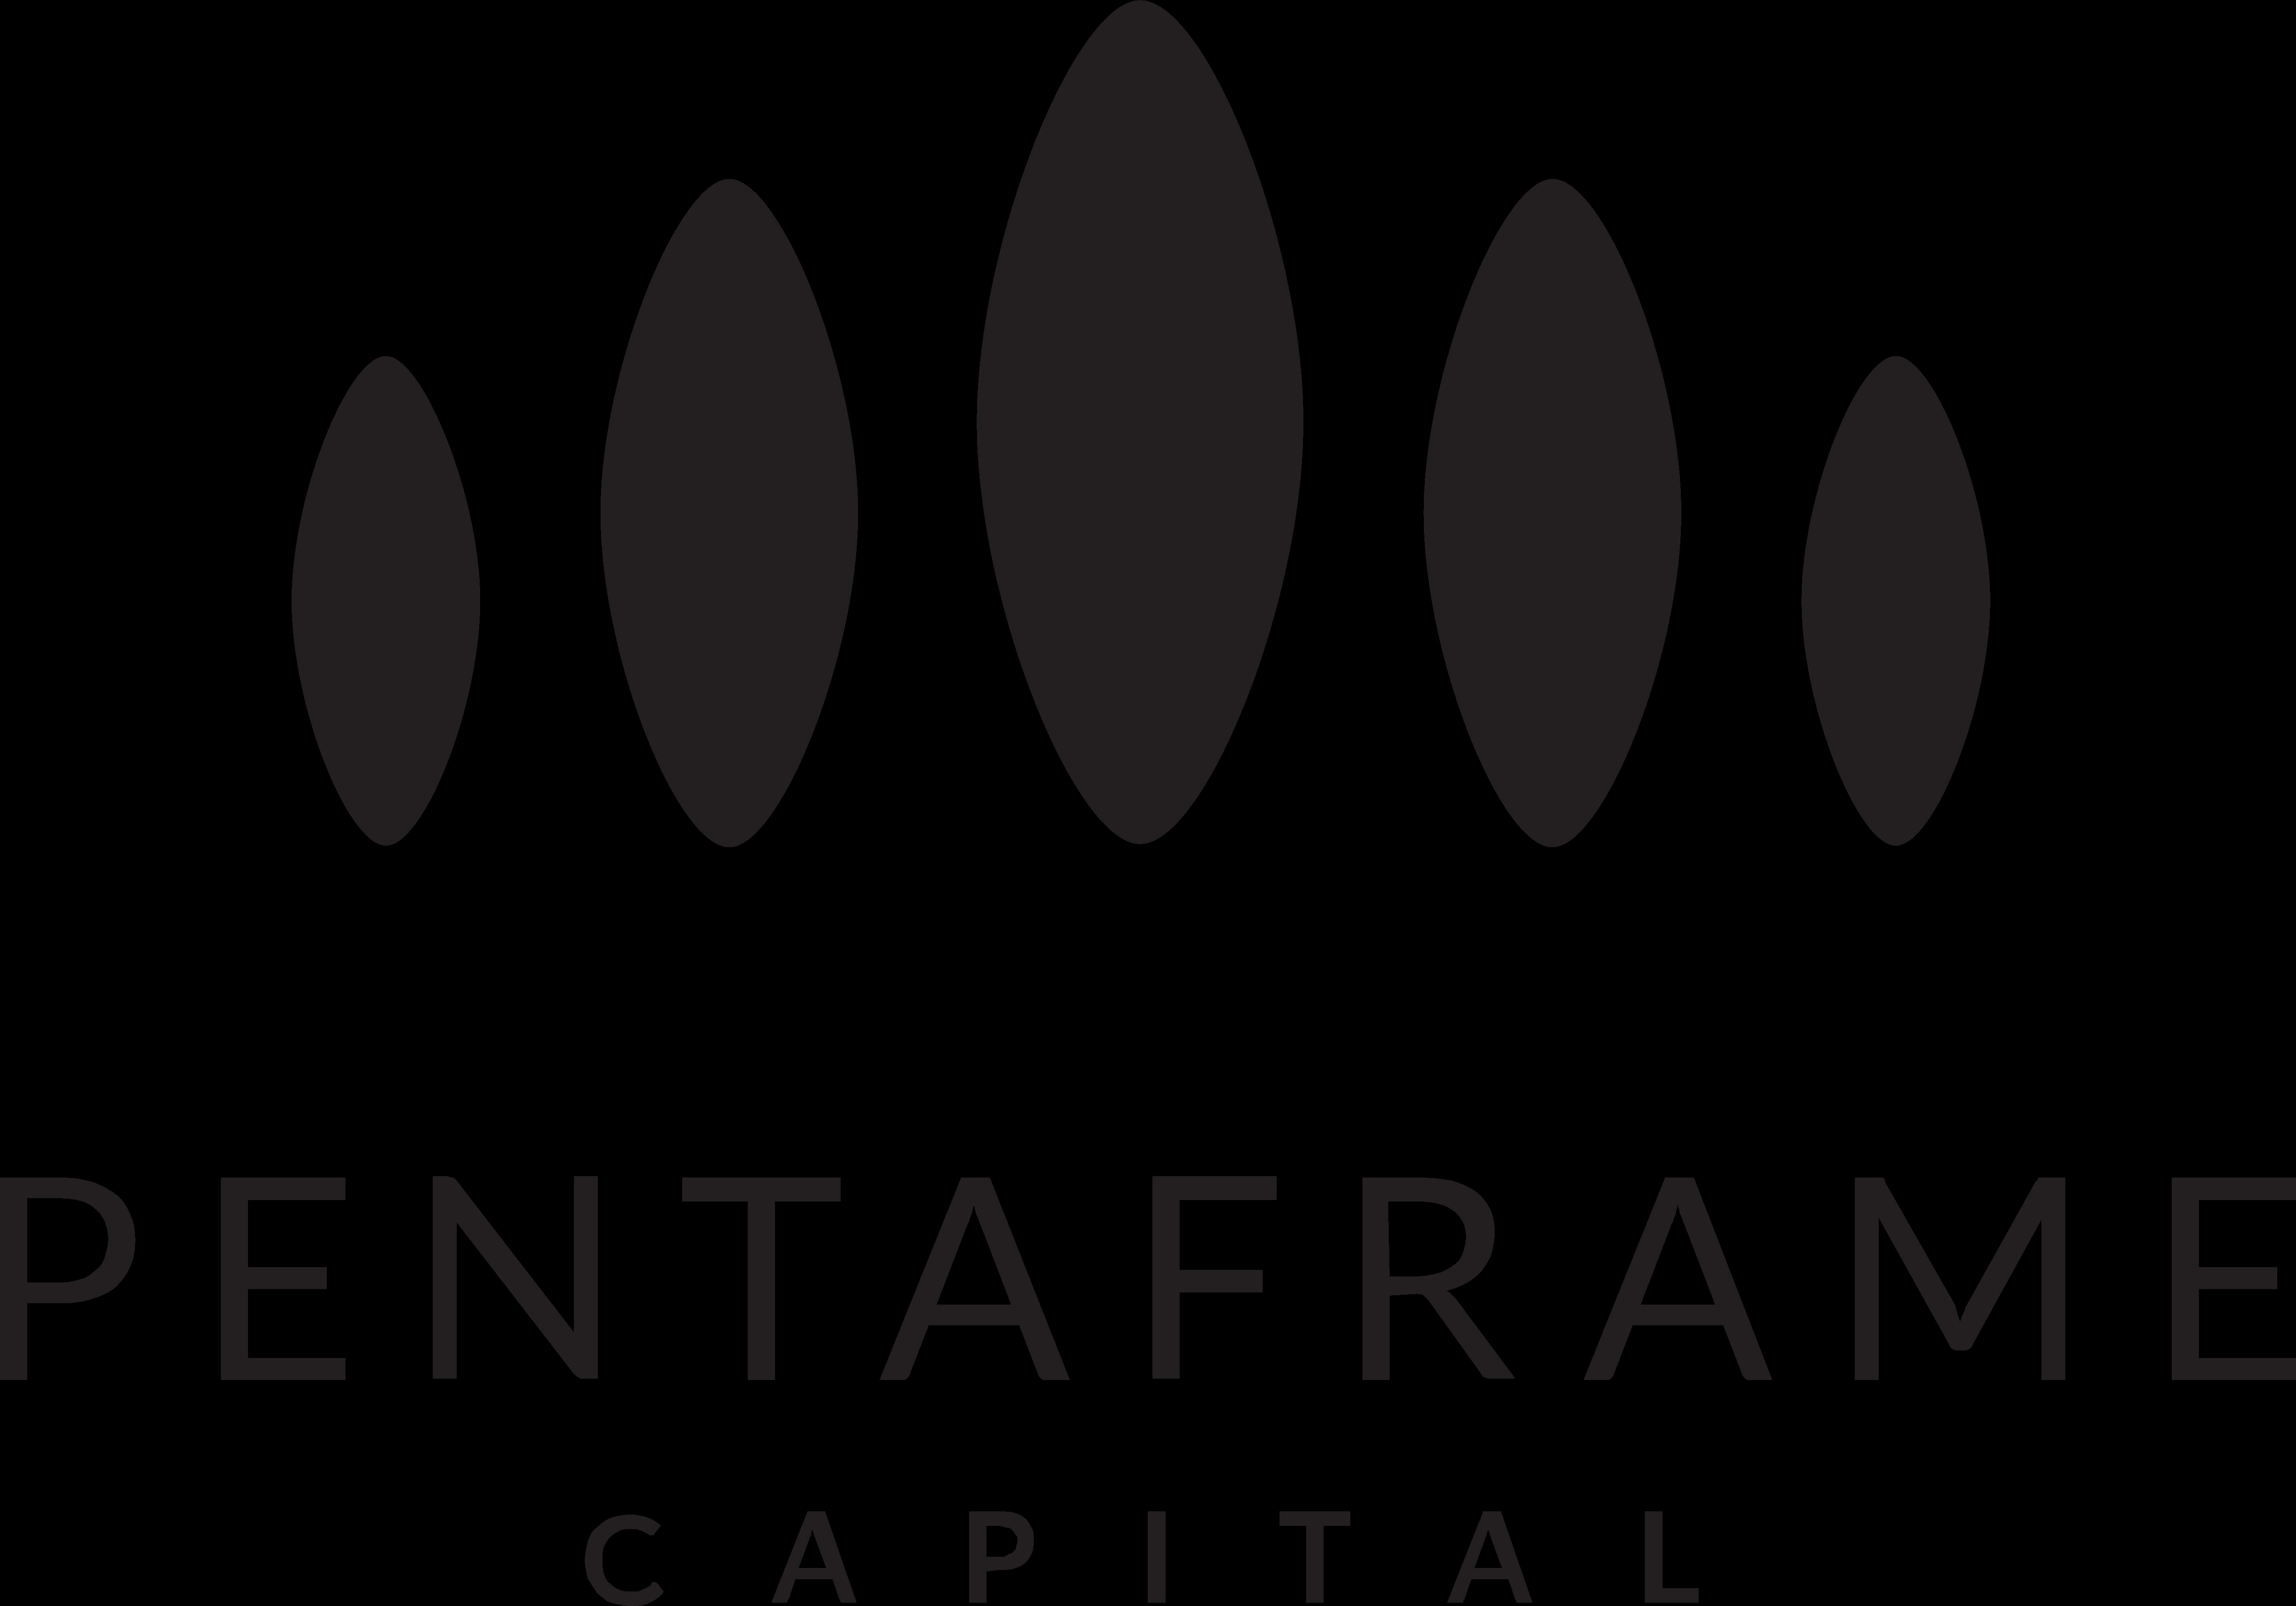 Pentaframe Capital